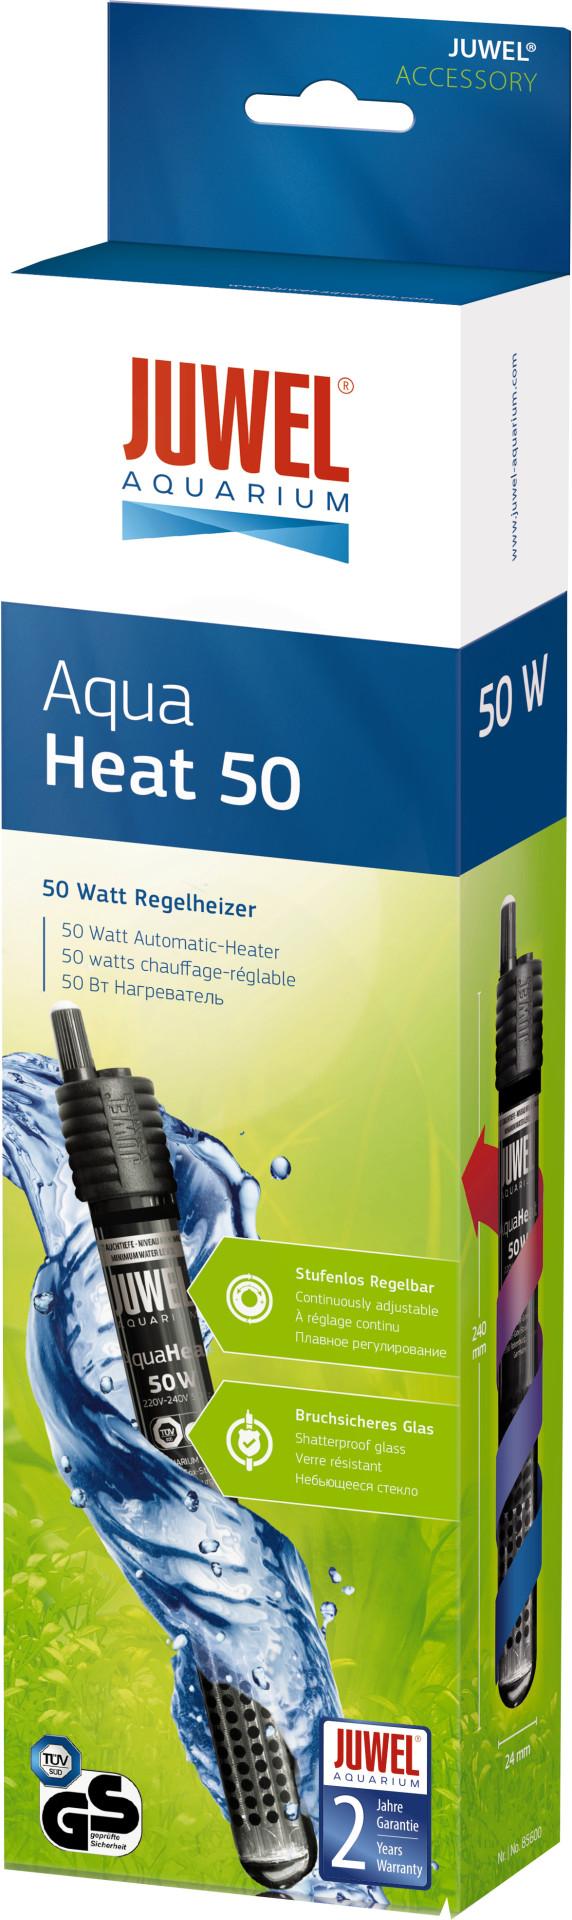 Juwel thermostaat verwarming 50 watt